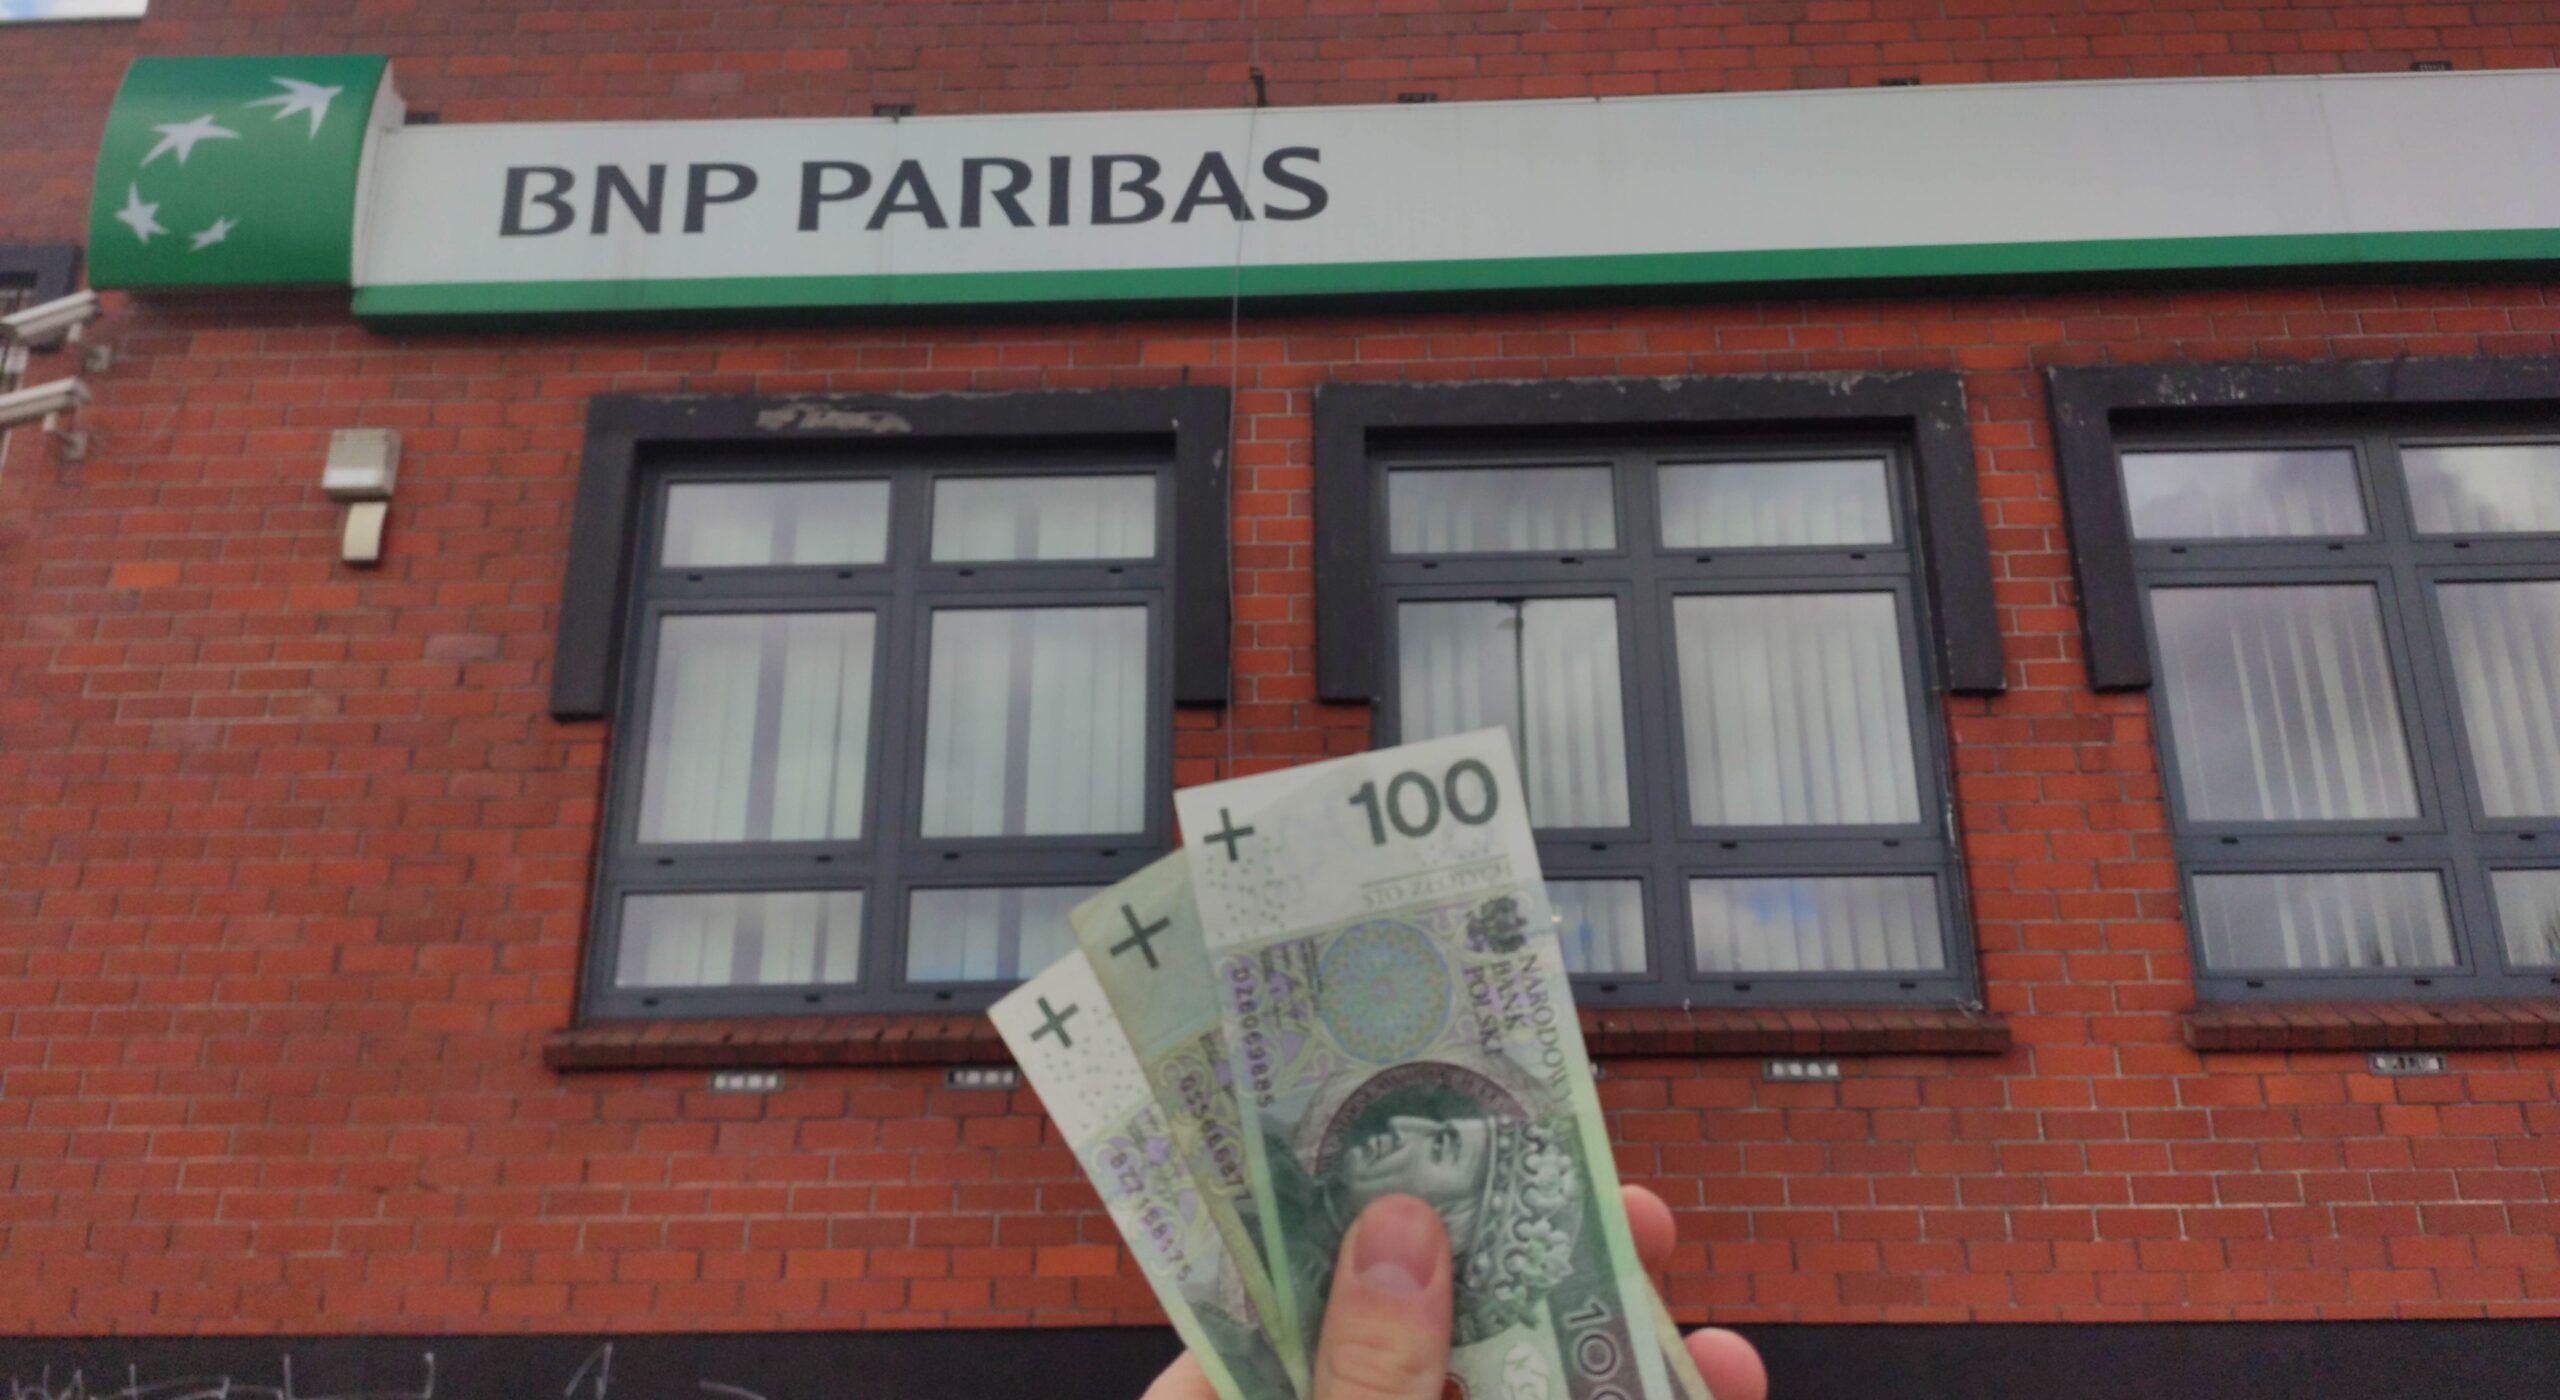 zyskaj 300 zł z darmowym kontem od BNP Paribas w nowej promocji